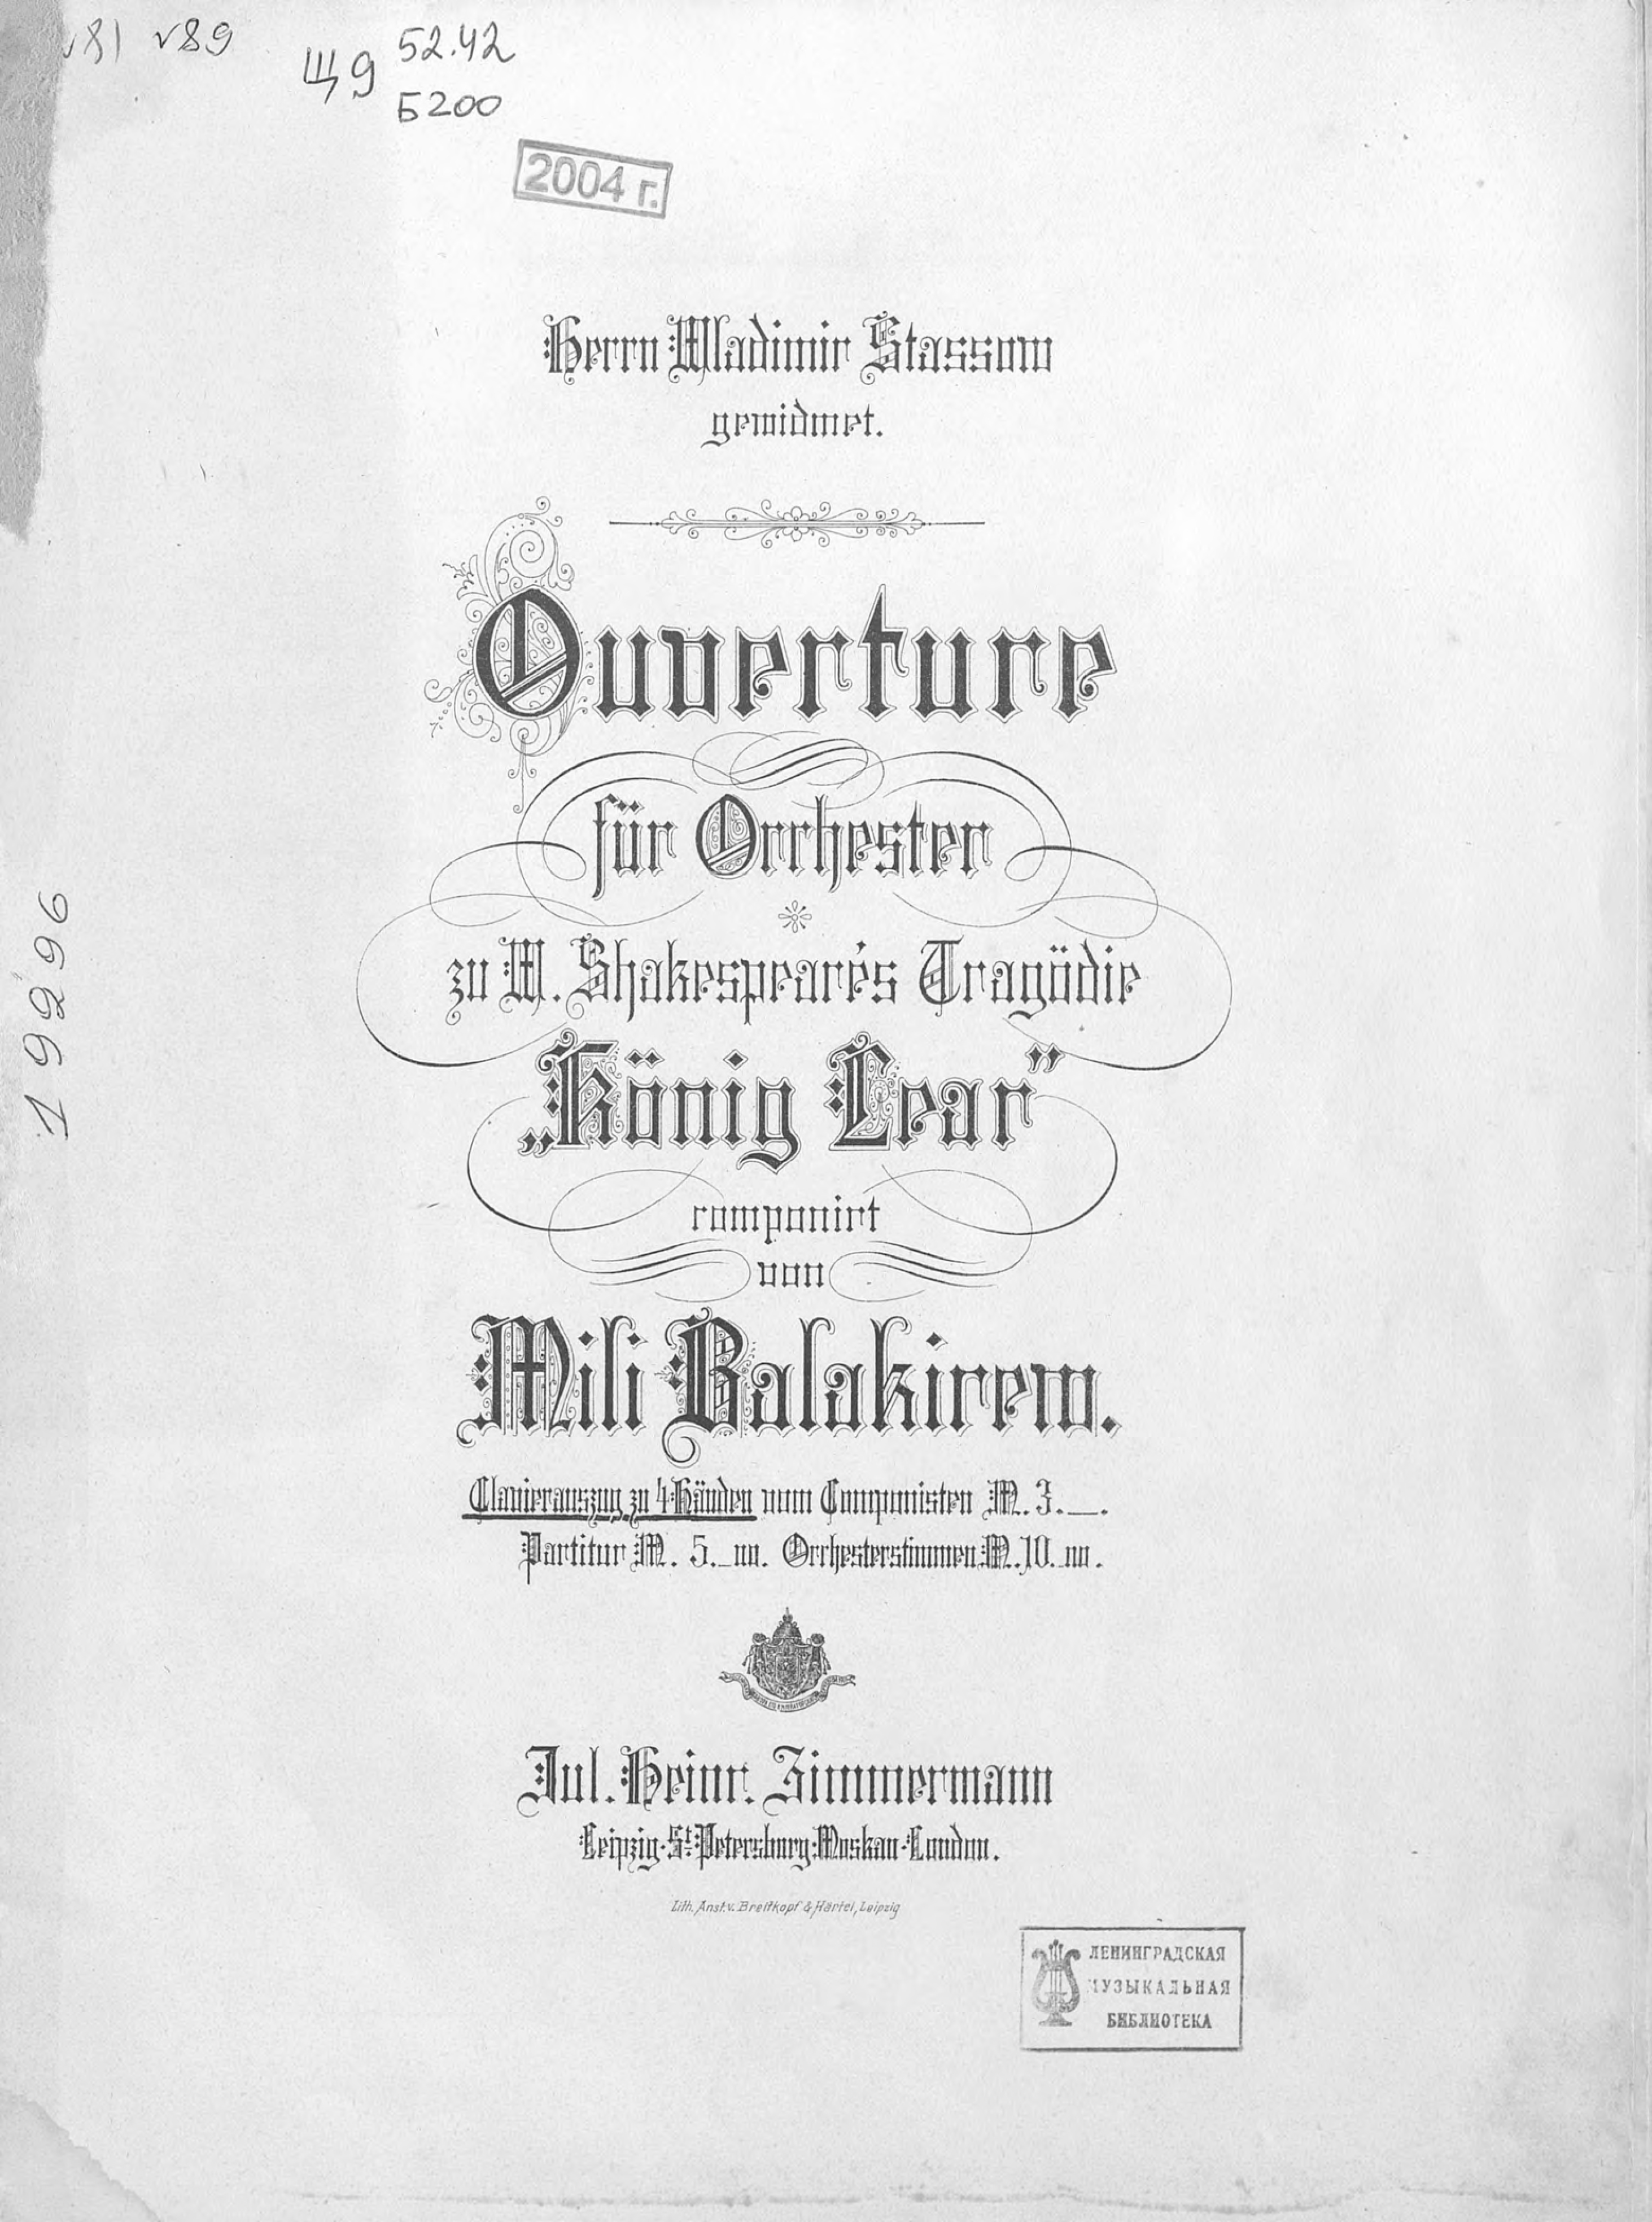 Милий Алексеевич Балакирев Ouverture fur Orchester zu W. Shakespeares Tragodie Konig Lear akademisk orkester akademisk orchester dvorak requiem 2 cd